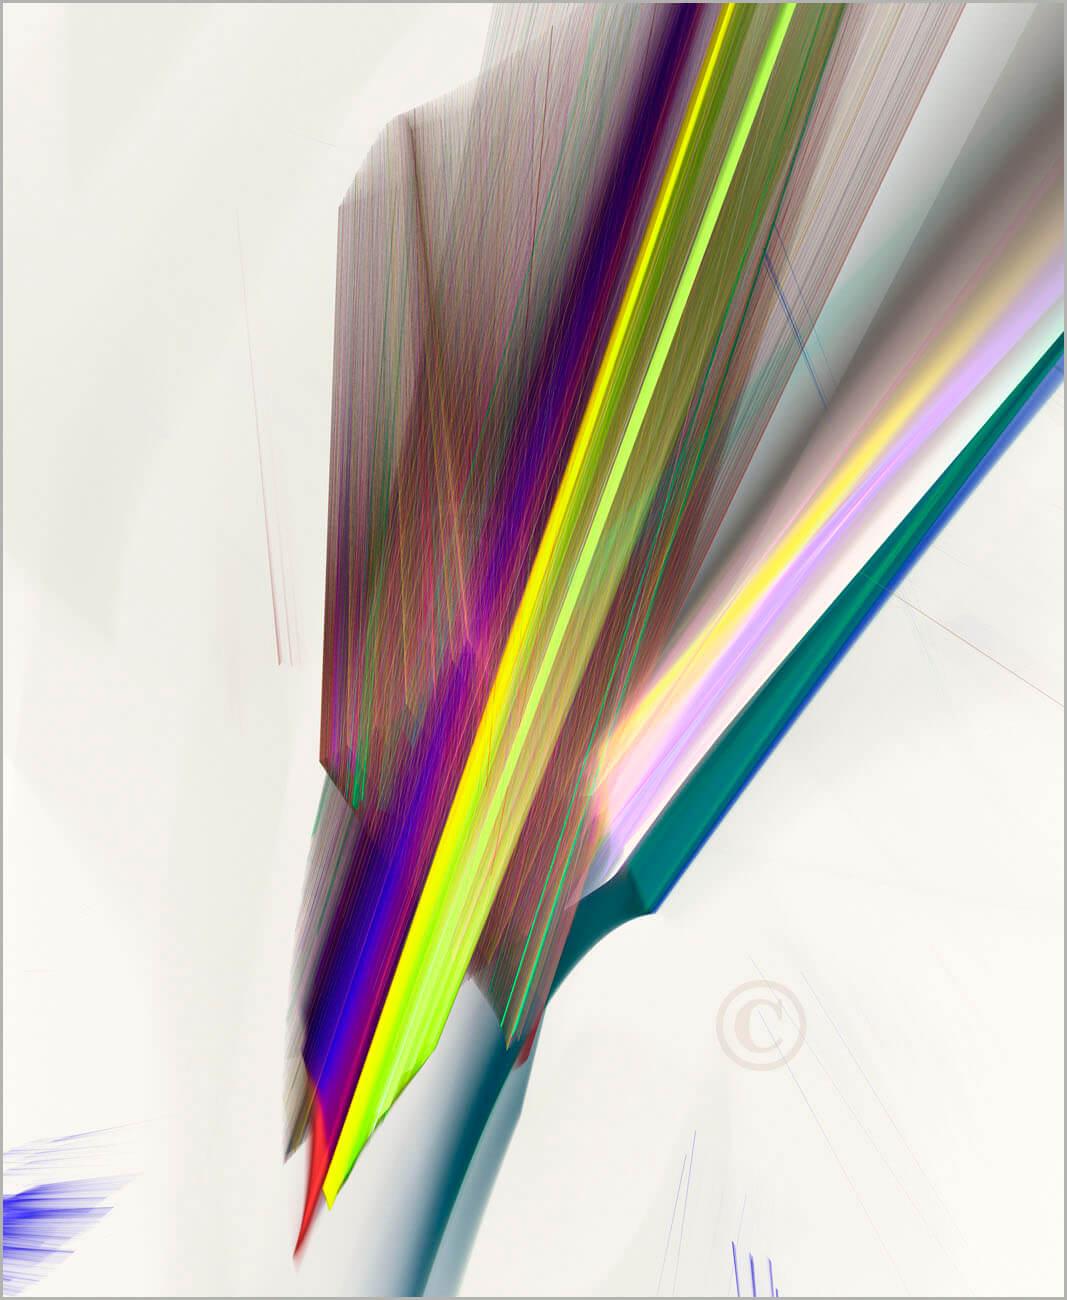 Colorshapes_F2_3120_L